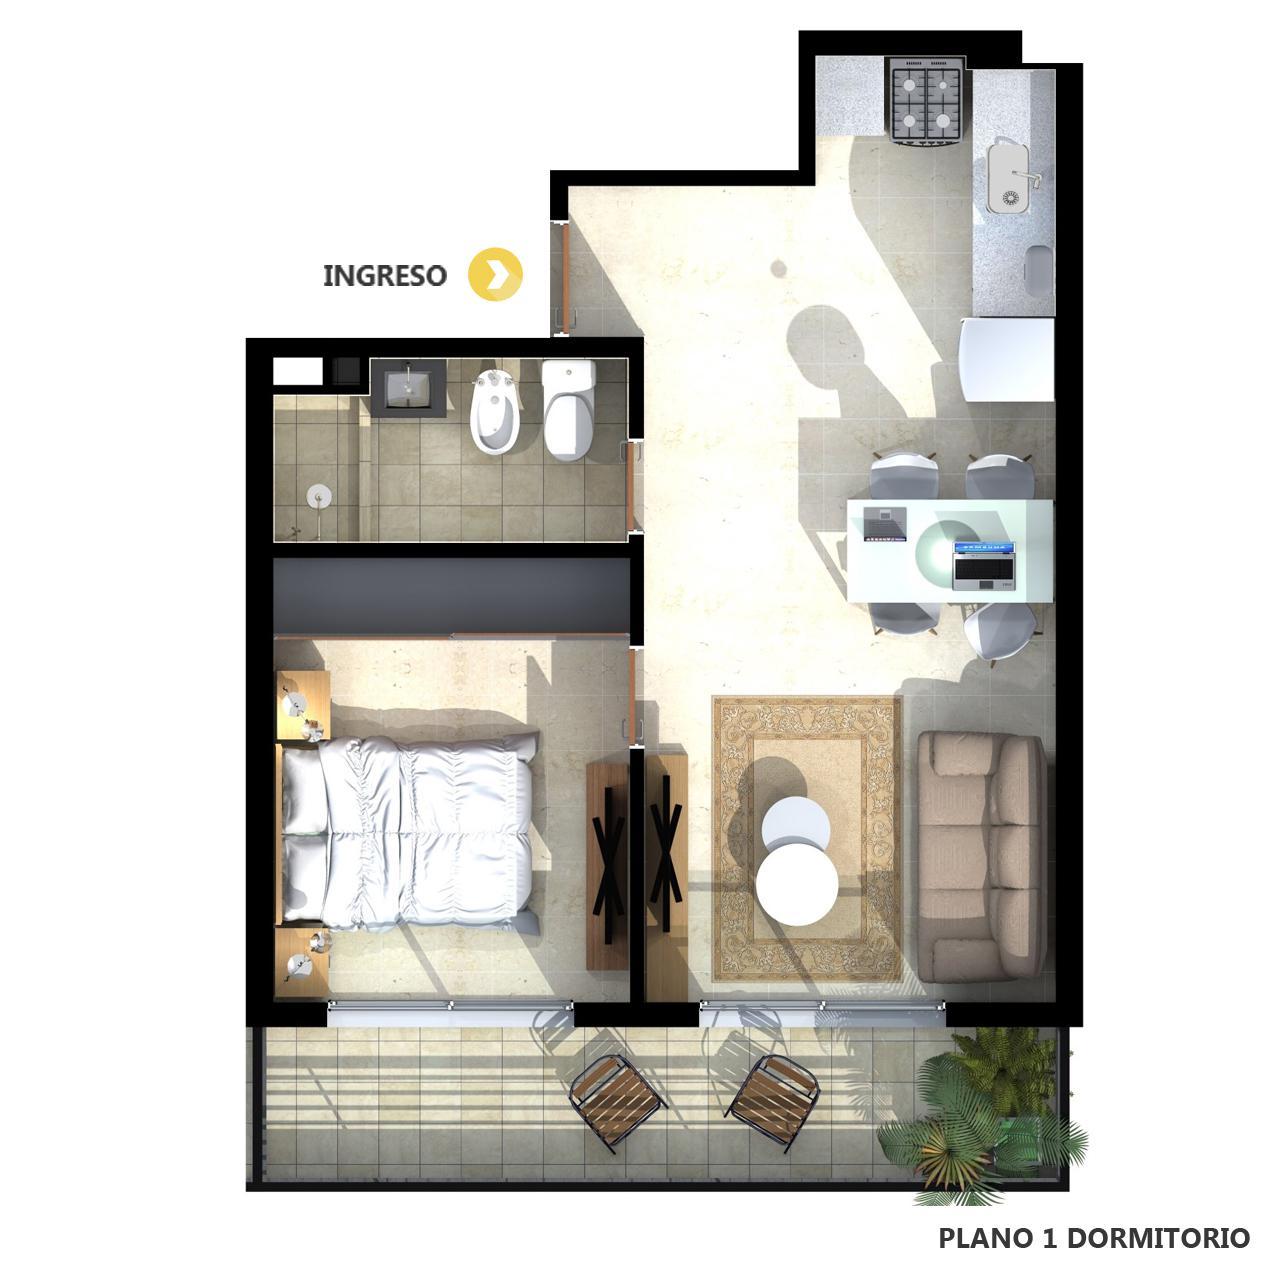 Venta departamento 1 dormitorio Rosario, Parque España. Cod CBU23323 AP2199518. Crestale Propiedades